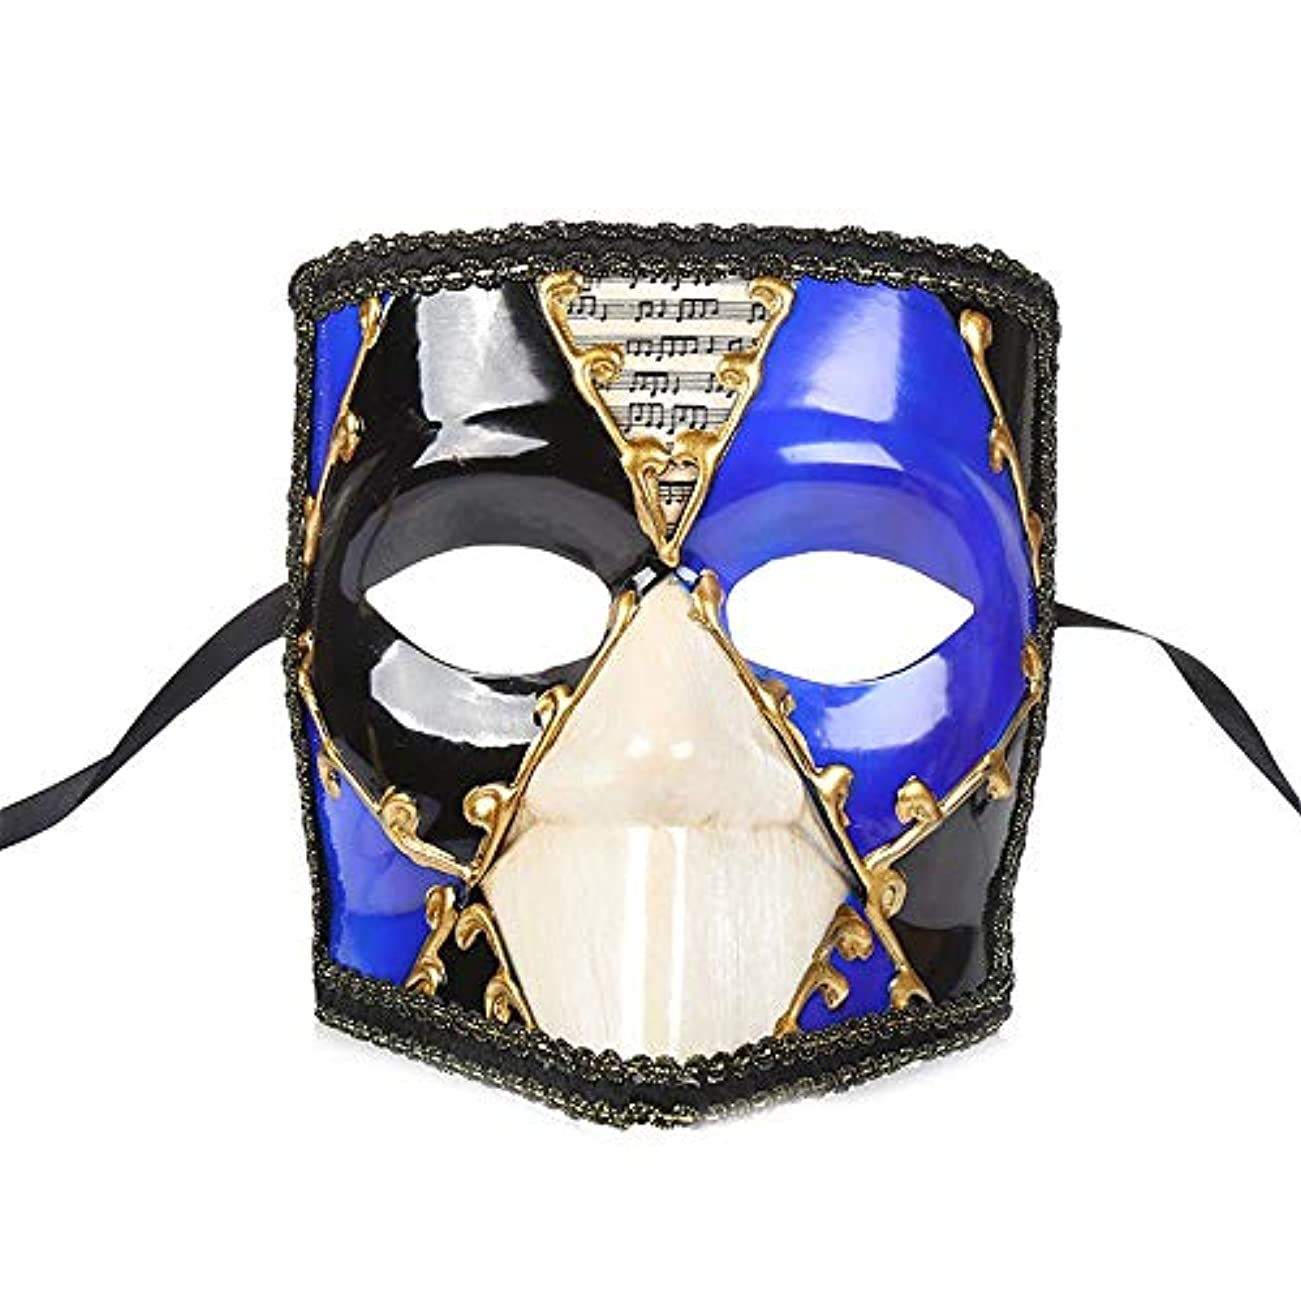 のヒープ重大尾ダンスマスク ピエロマスクヴィンテージマスカレードショーデコレーションコスプレナイトクラブプラスチック厚いマスク ホリデーパーティー用品 (色 : 青, サイズ : 18x15cm)